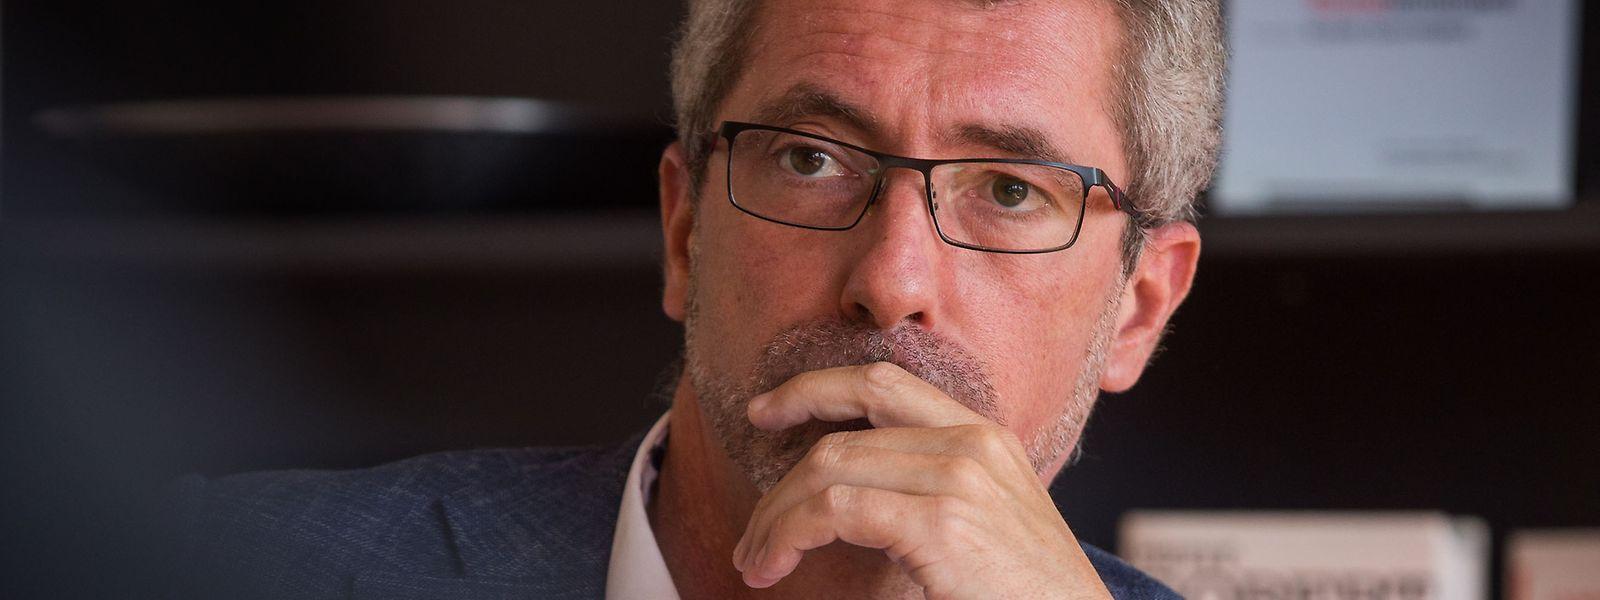 Frank Engel hat den Kampf um seine eigene Nachfolge als CSV-Chef eingeleitet.